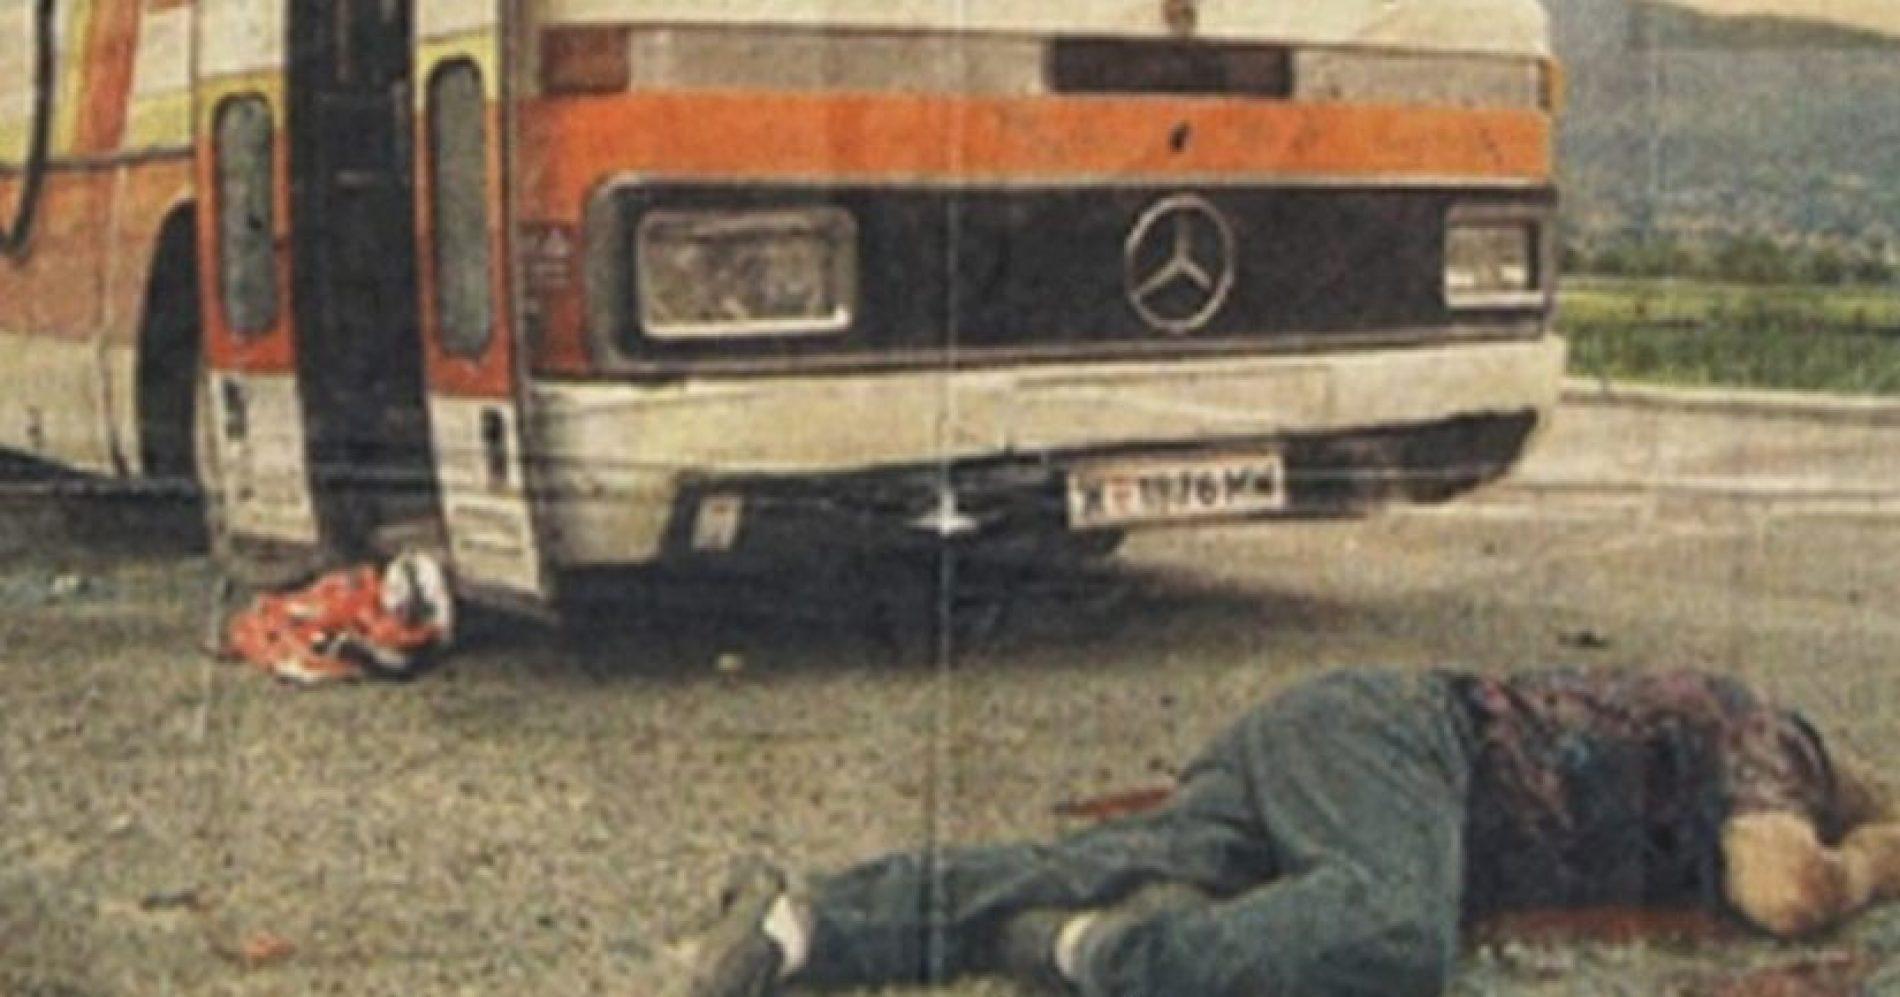 Zločin za koji niko nije odgovarao: Tuzlanski konvoj spasa postao je konvoj smrti i užasa